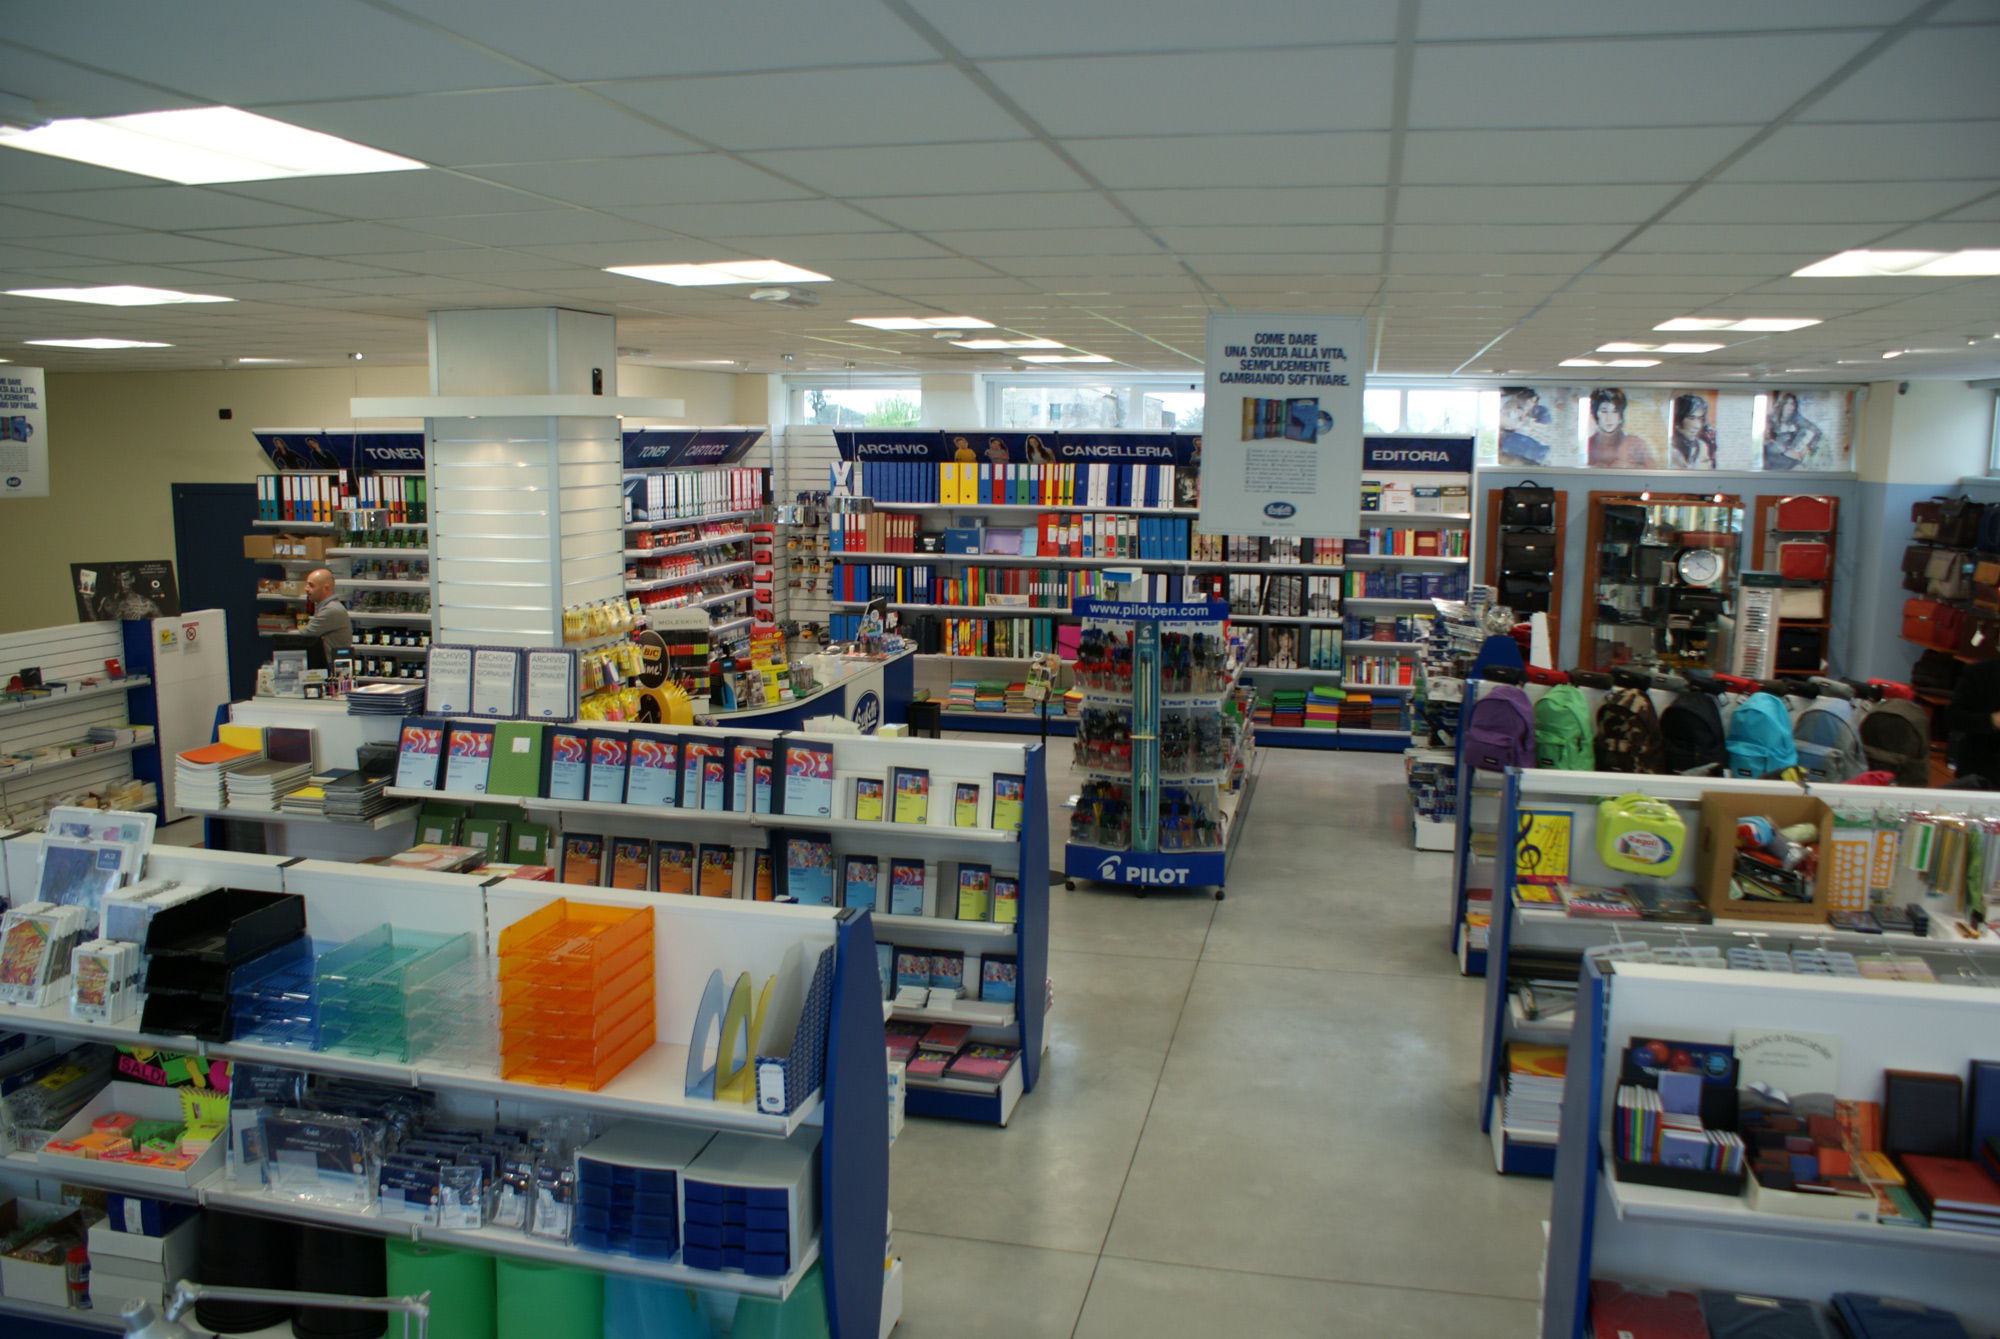 Negozi arredamento arezzo arredamento per negozi di for Arredamento firenze negozi